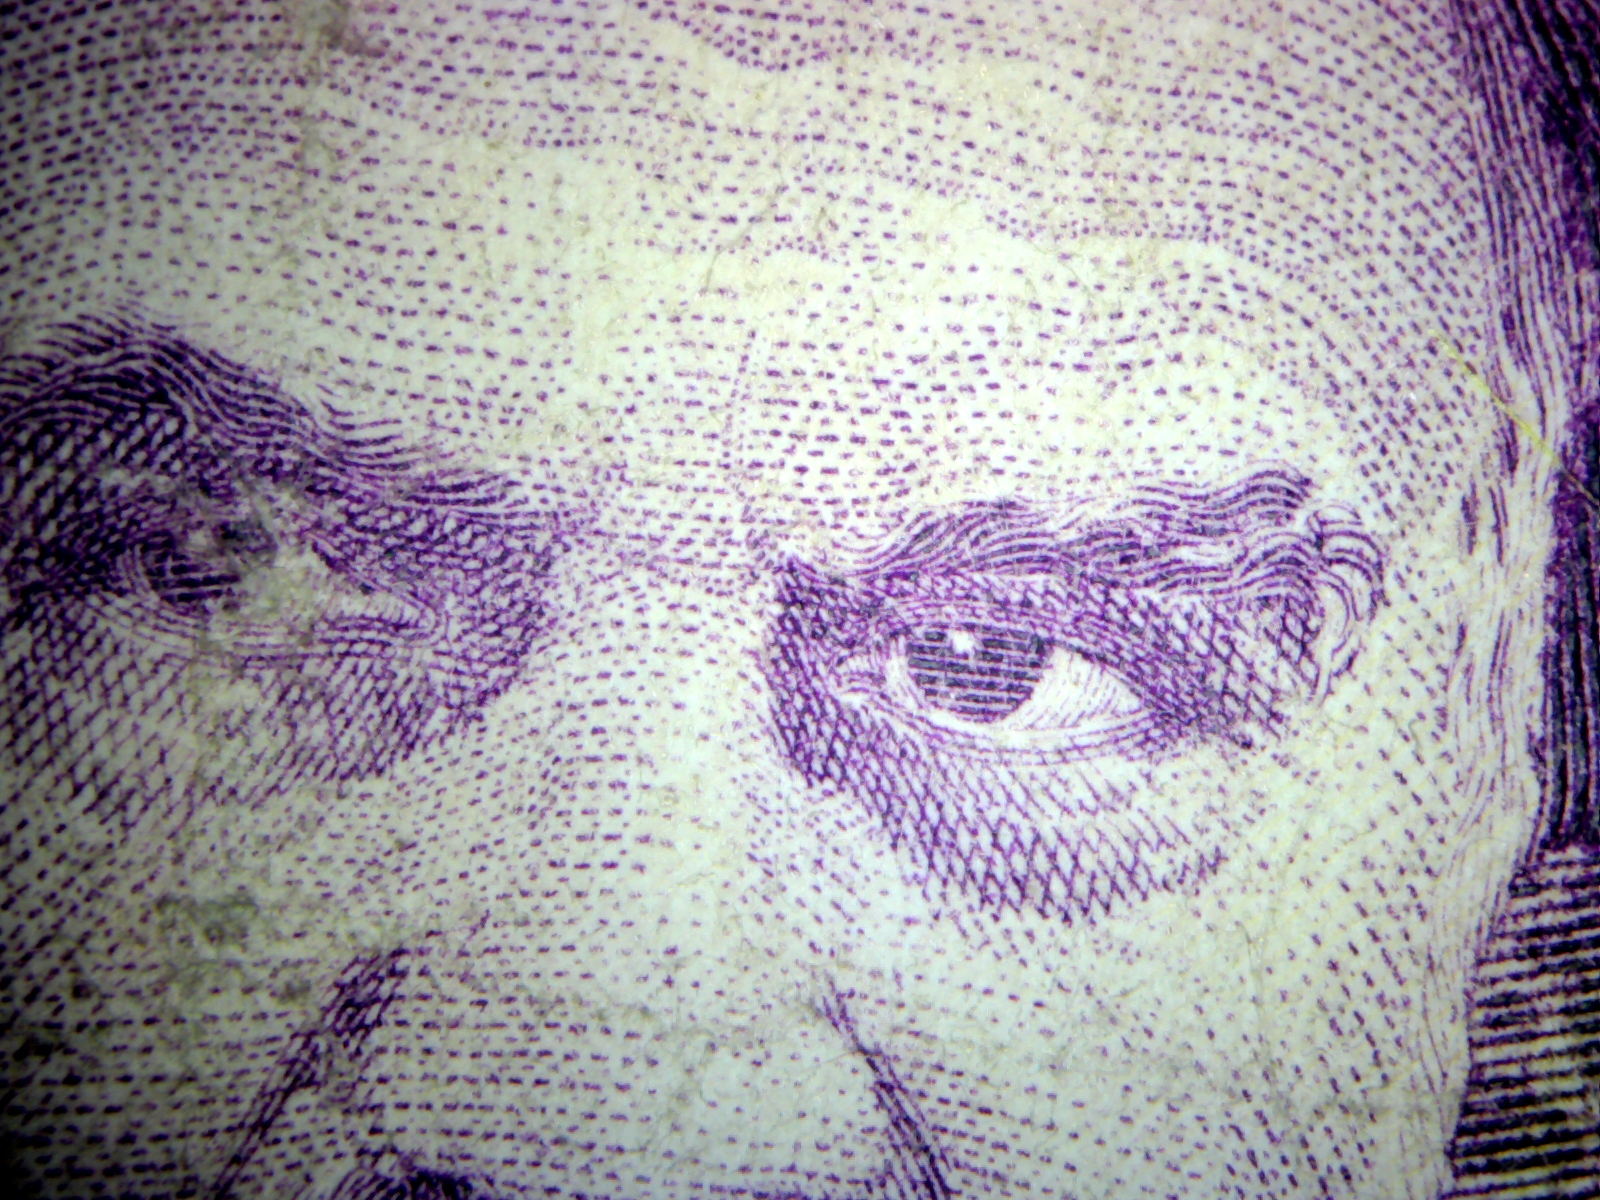 اسکناس 5هزار تومانی فوکوس از 3 سانتیمتری